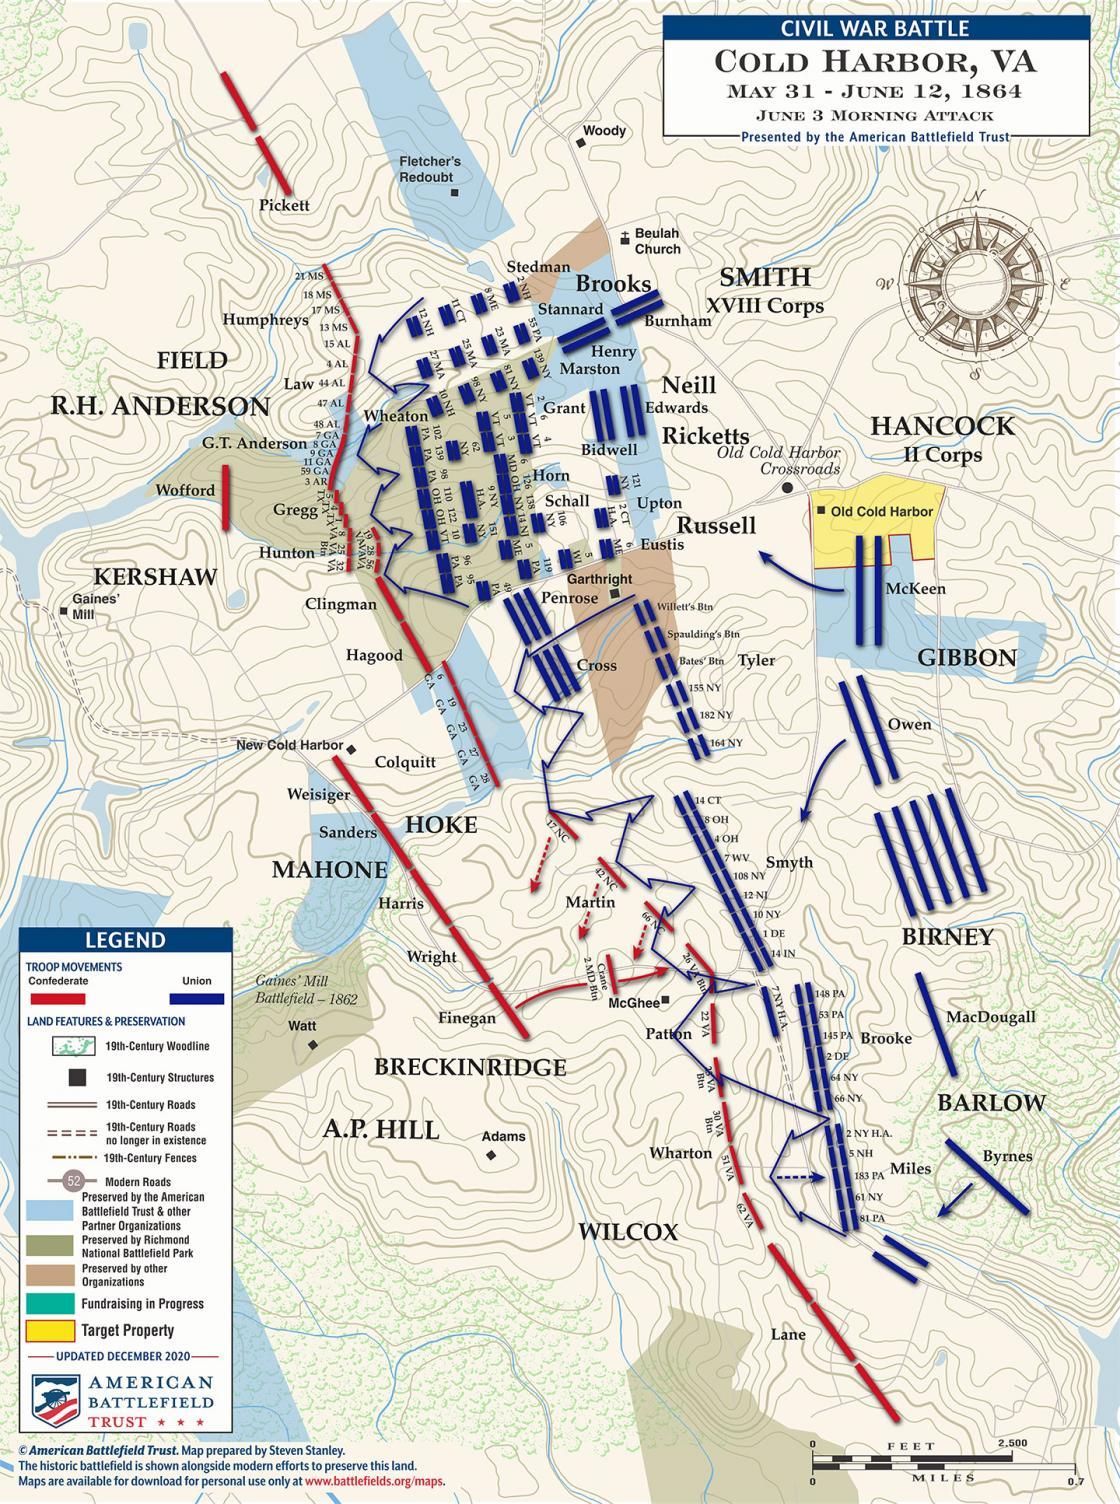 Cold Harbor - June 3, 1864 (December 2020)